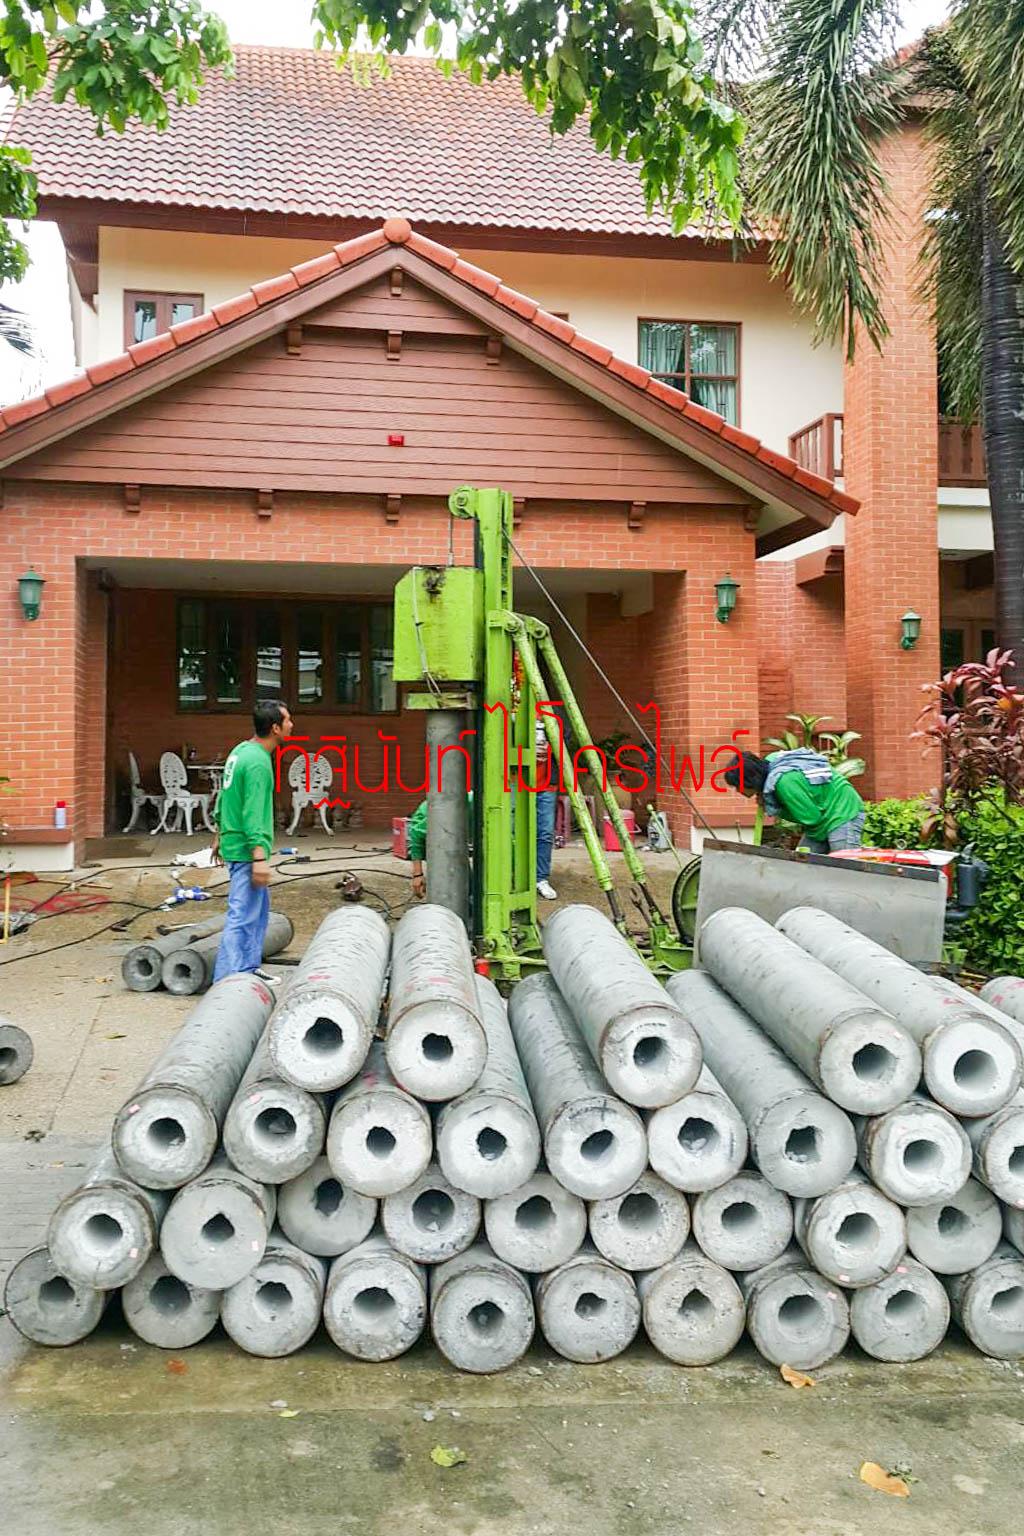 งานตอกเสาเข็มต่อเติมบ้าน หมู่บ้านวรารมย์ เลควิว เทพารักษ์ สมุทรปราการ